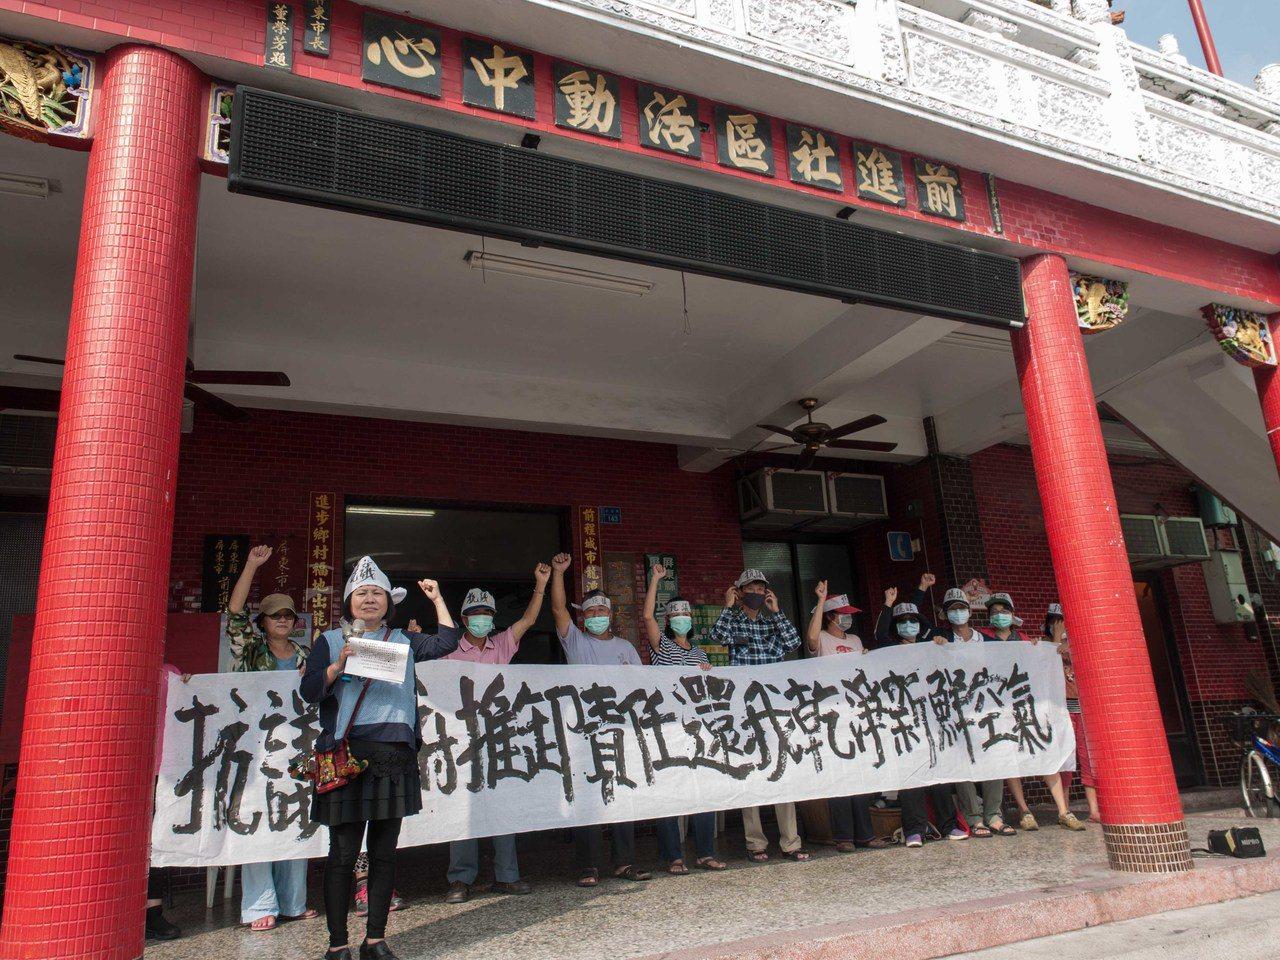 屏東縣議員蔣月惠今天率領屏東市民抗議空氣品質不佳問題。記者林良齊/攝影